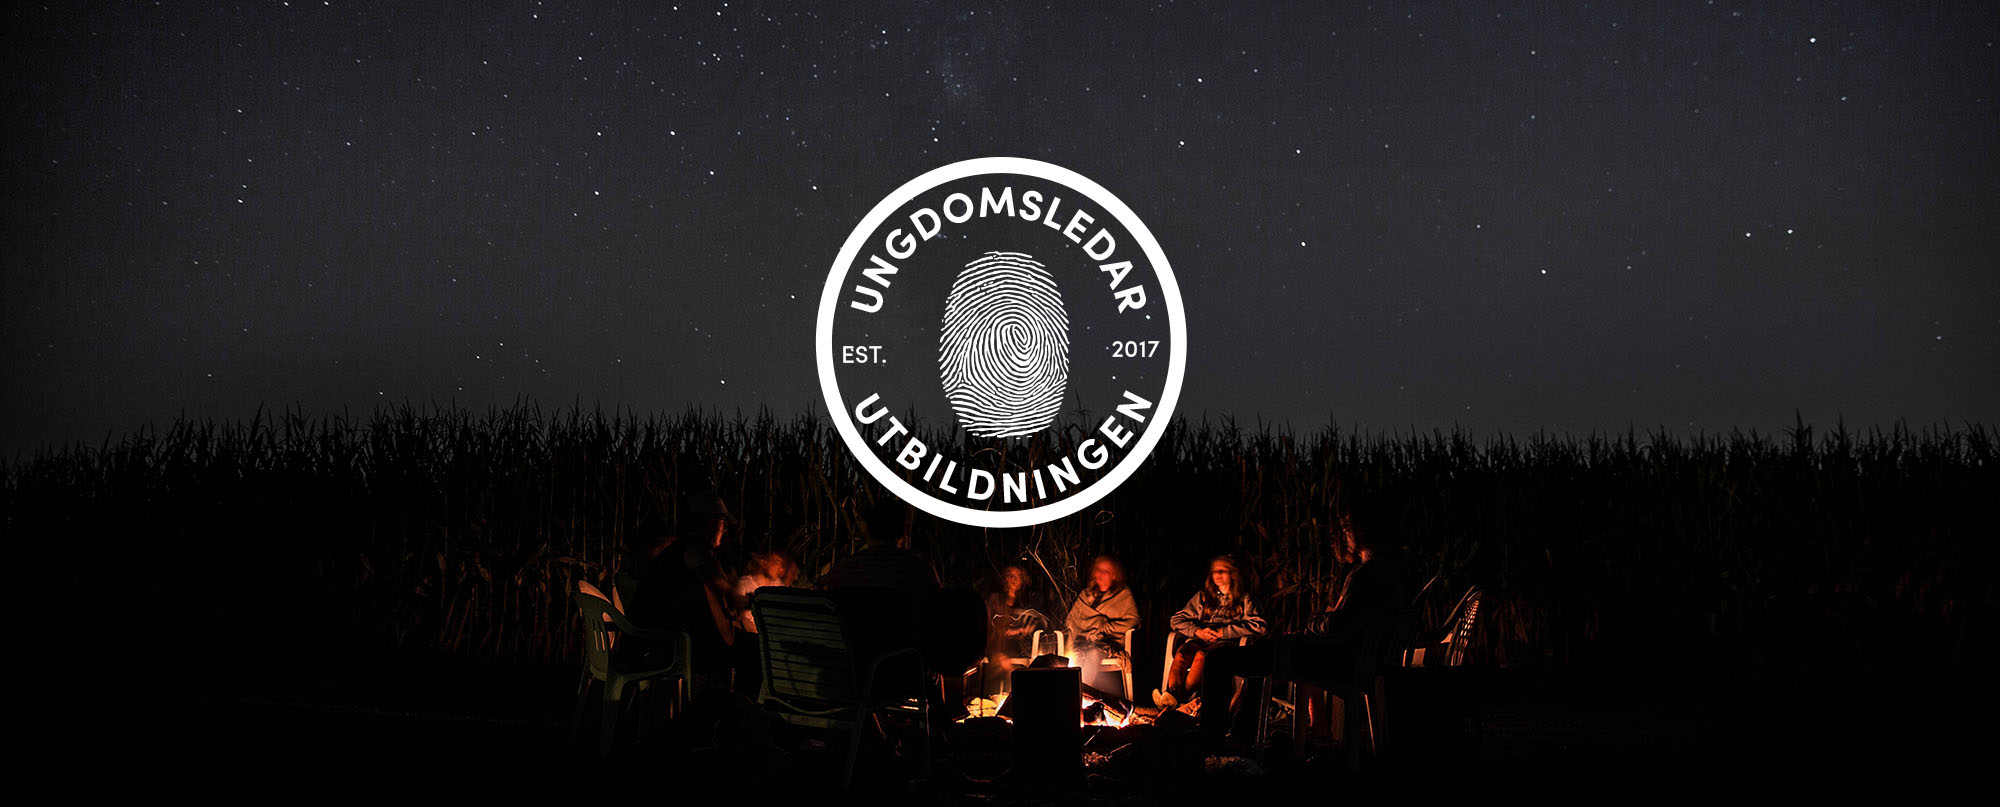 Toppbild Ungdomsledarutbildningen - elever vid eld en stjärnklar natt - logotyp